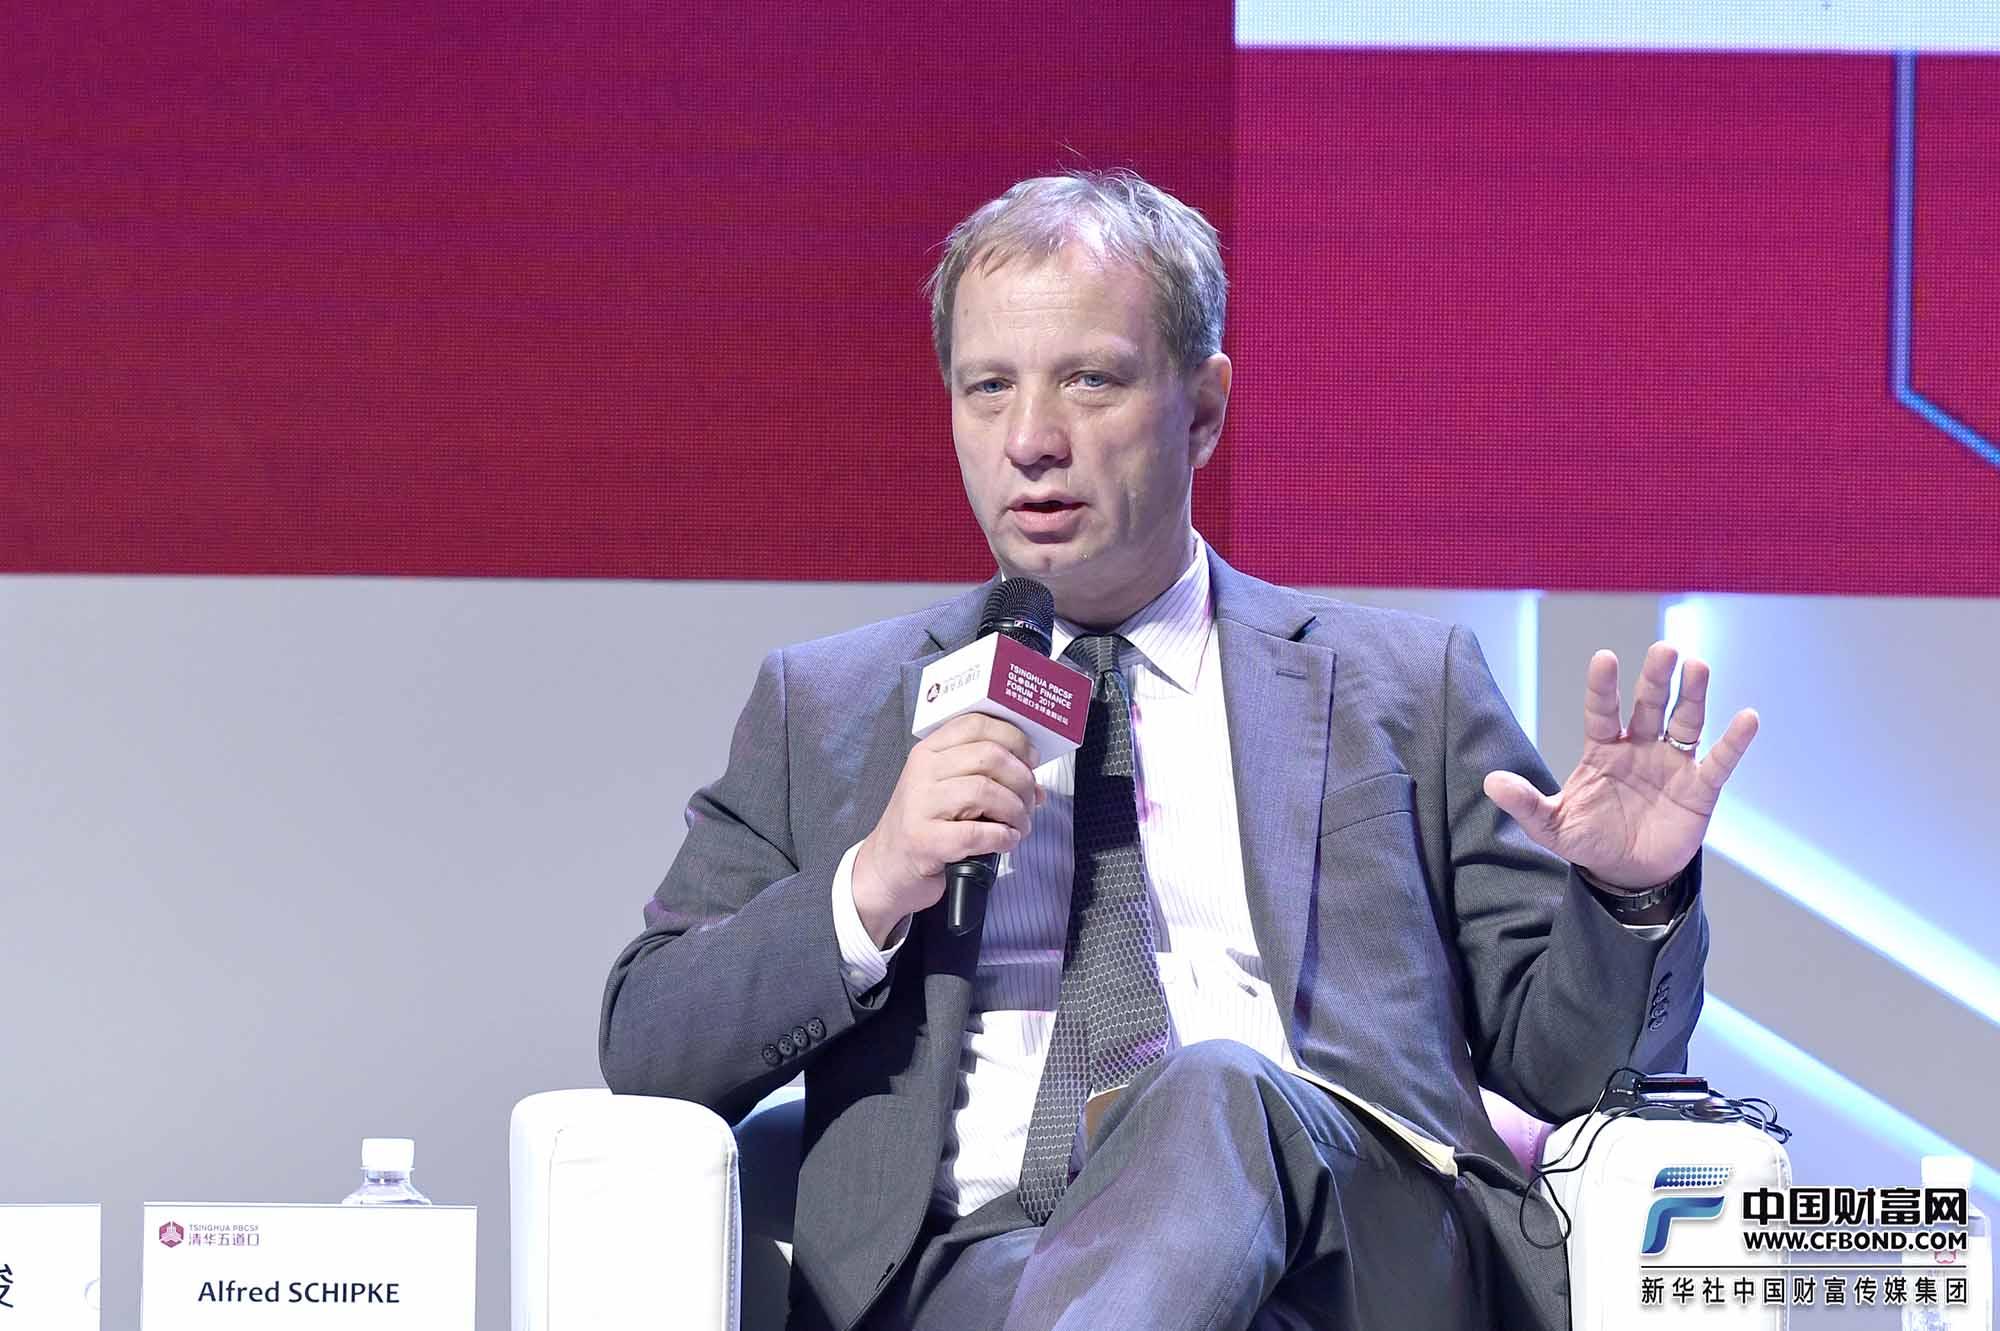 对话嘉宾:国际货币基金组织驻中国首席代表Alfred Schipke